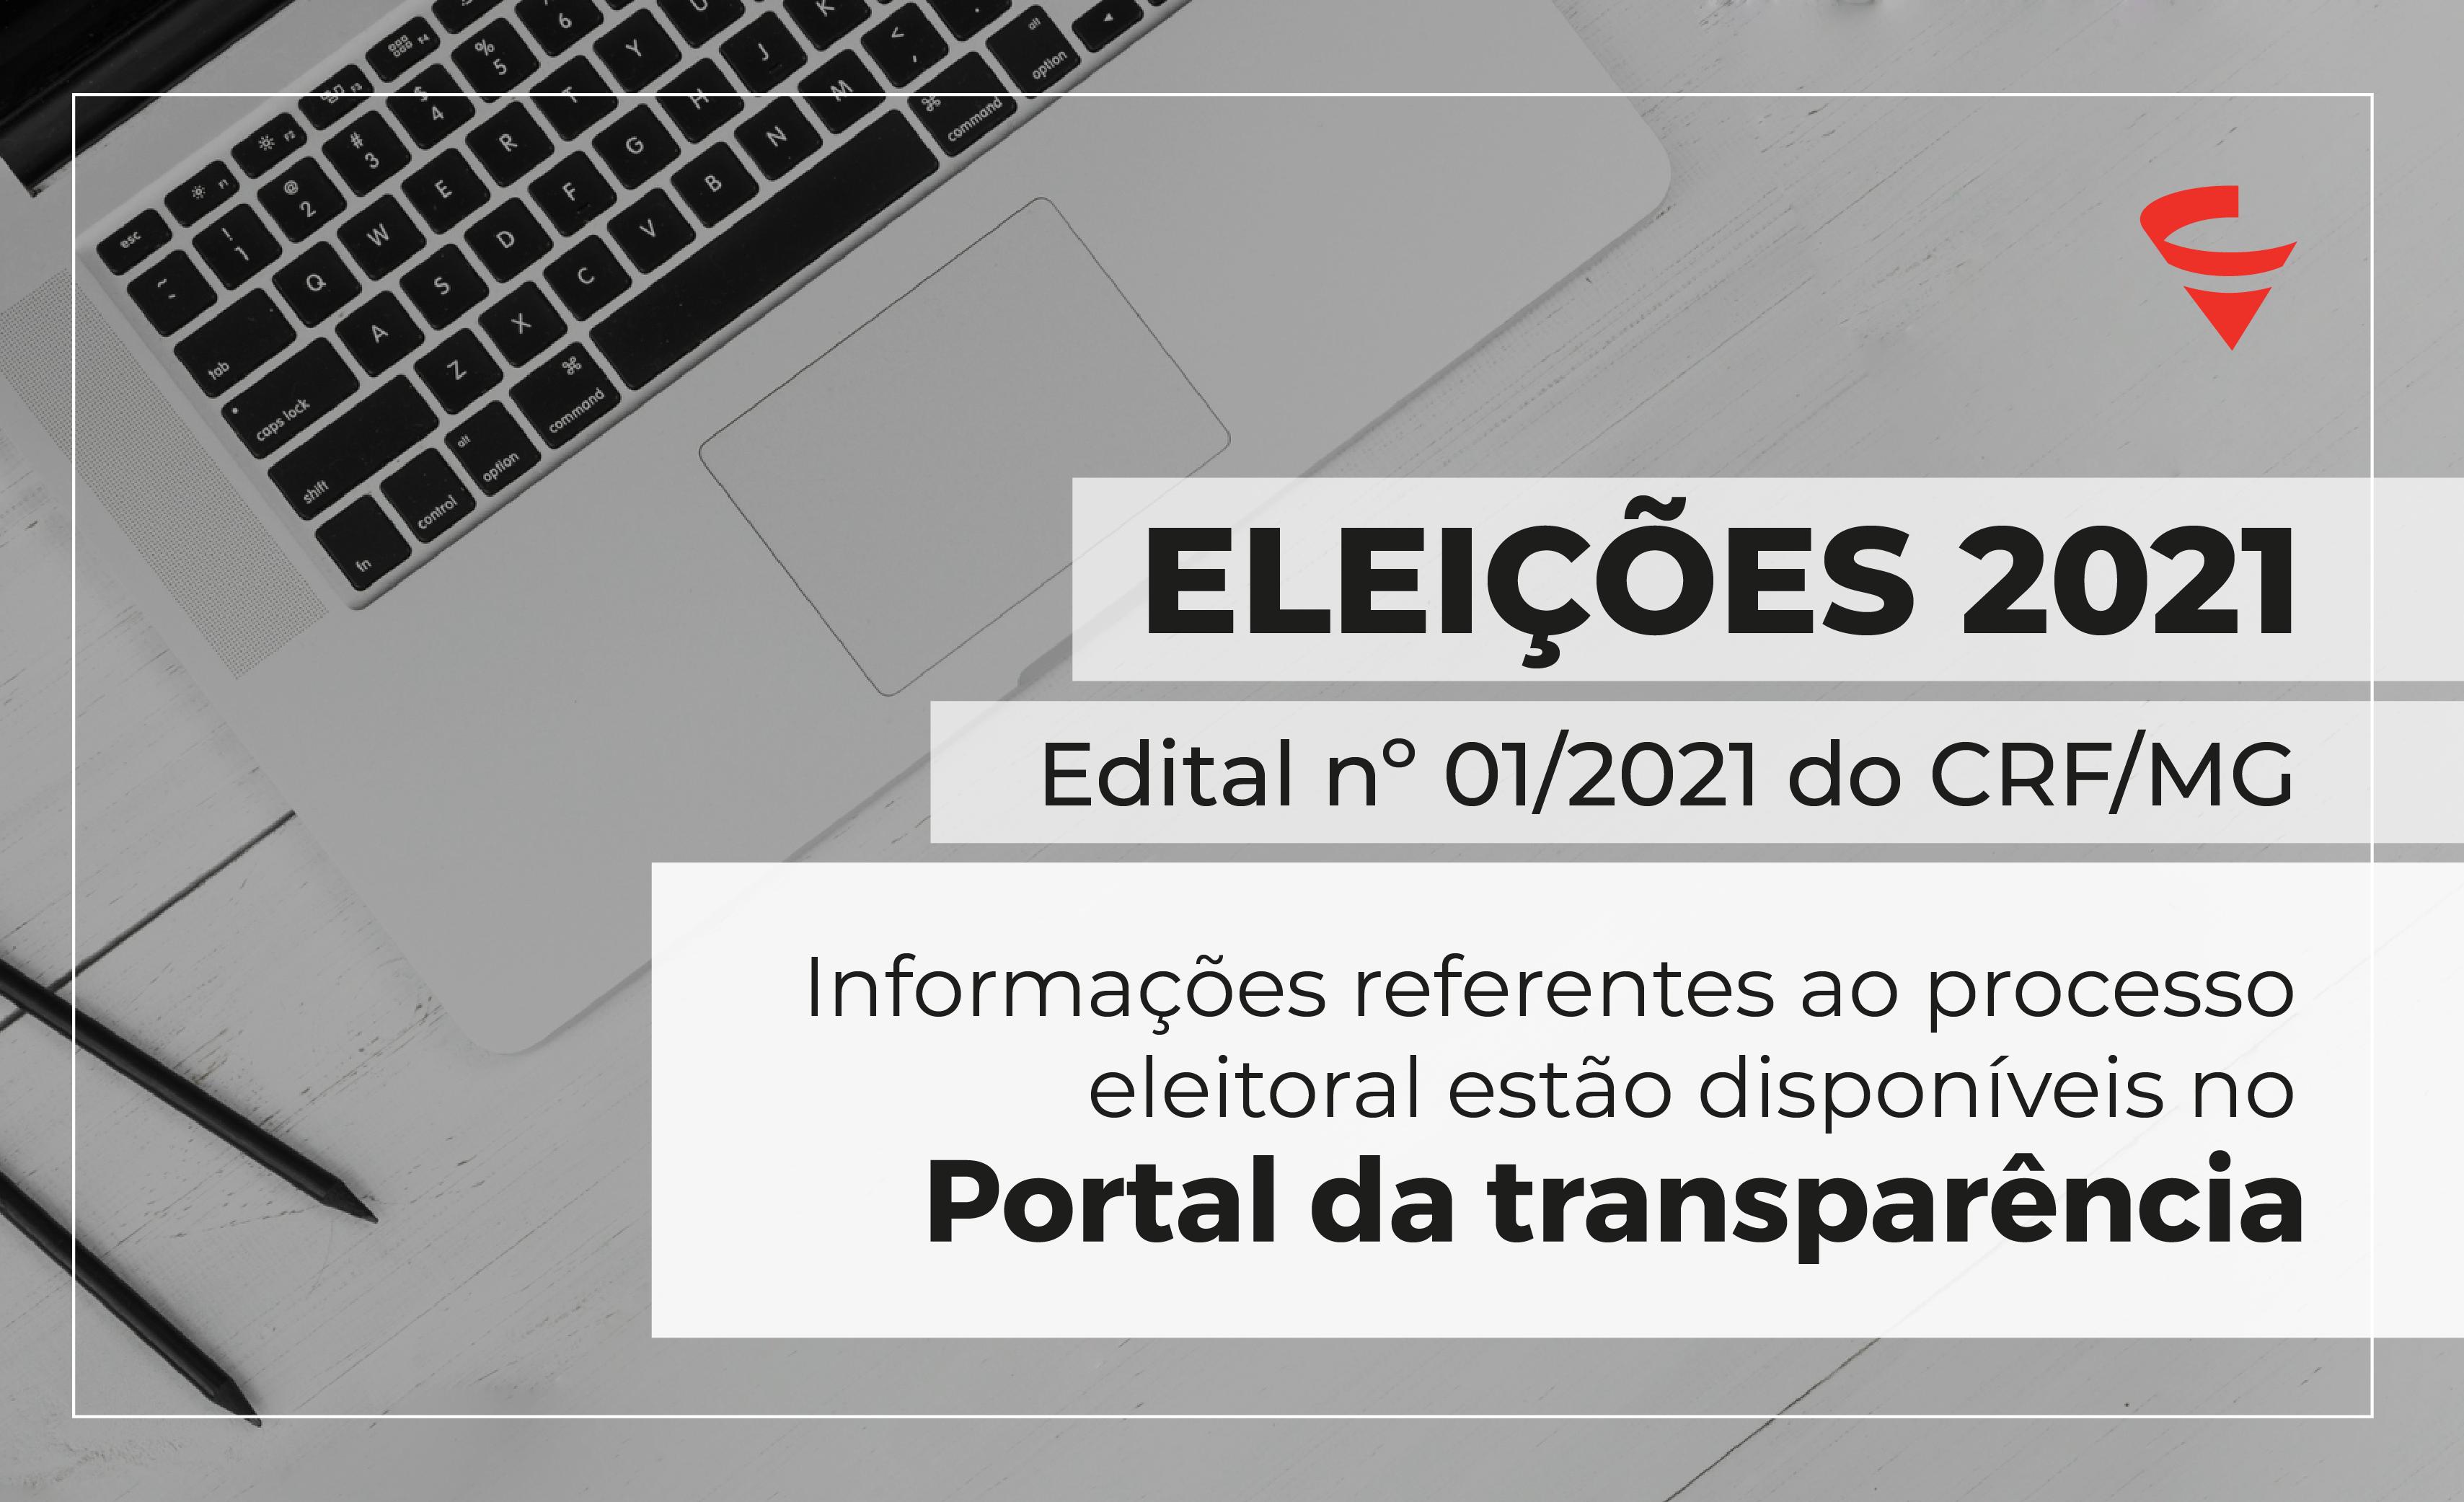 CRF/MG publica edital das Eleições 2021